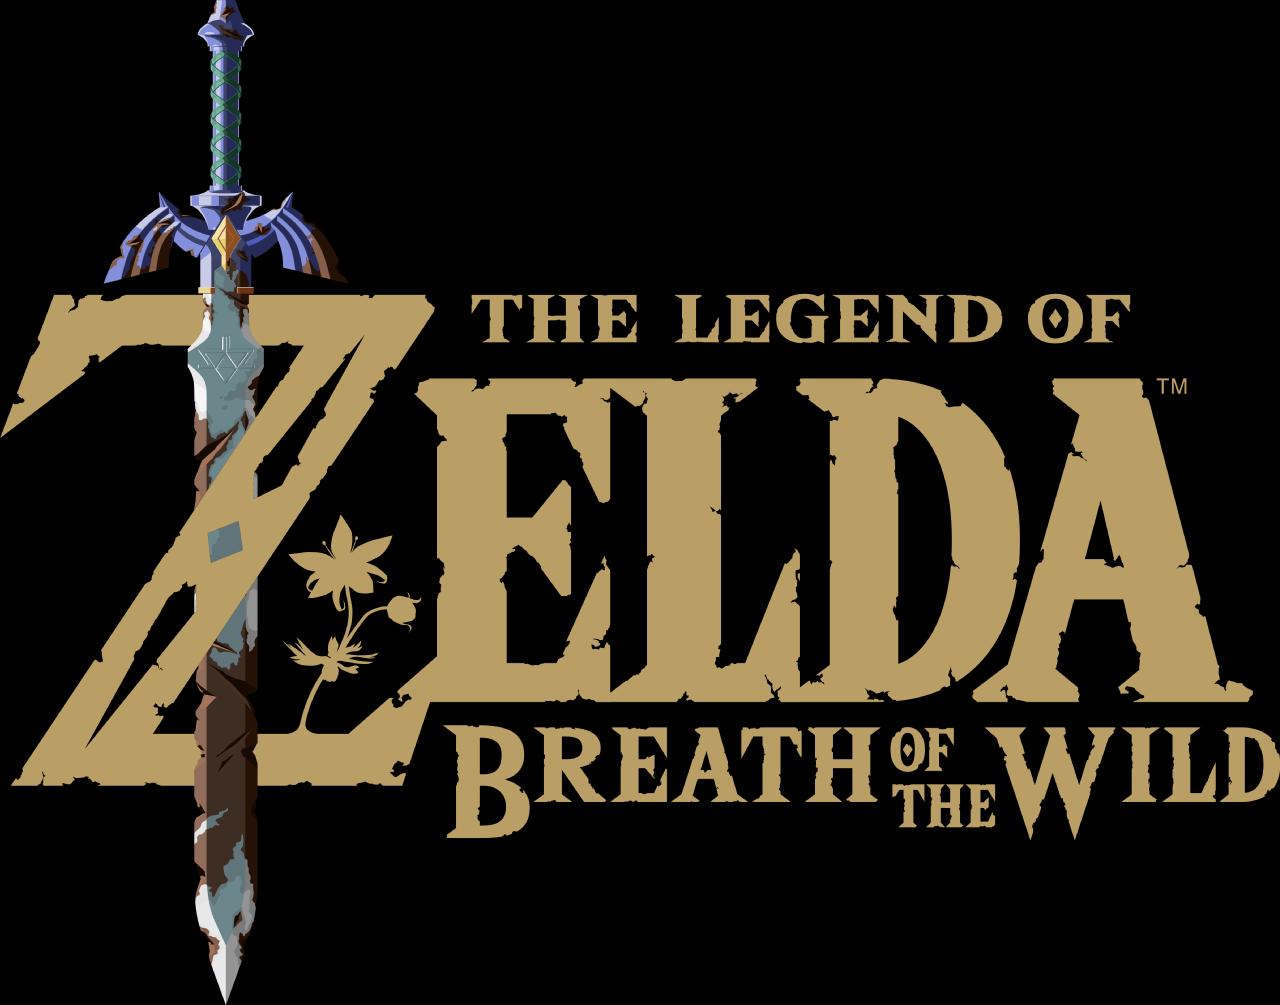 The Legend Of Zelda Breath Of The Wild Zeldapedia Fandom